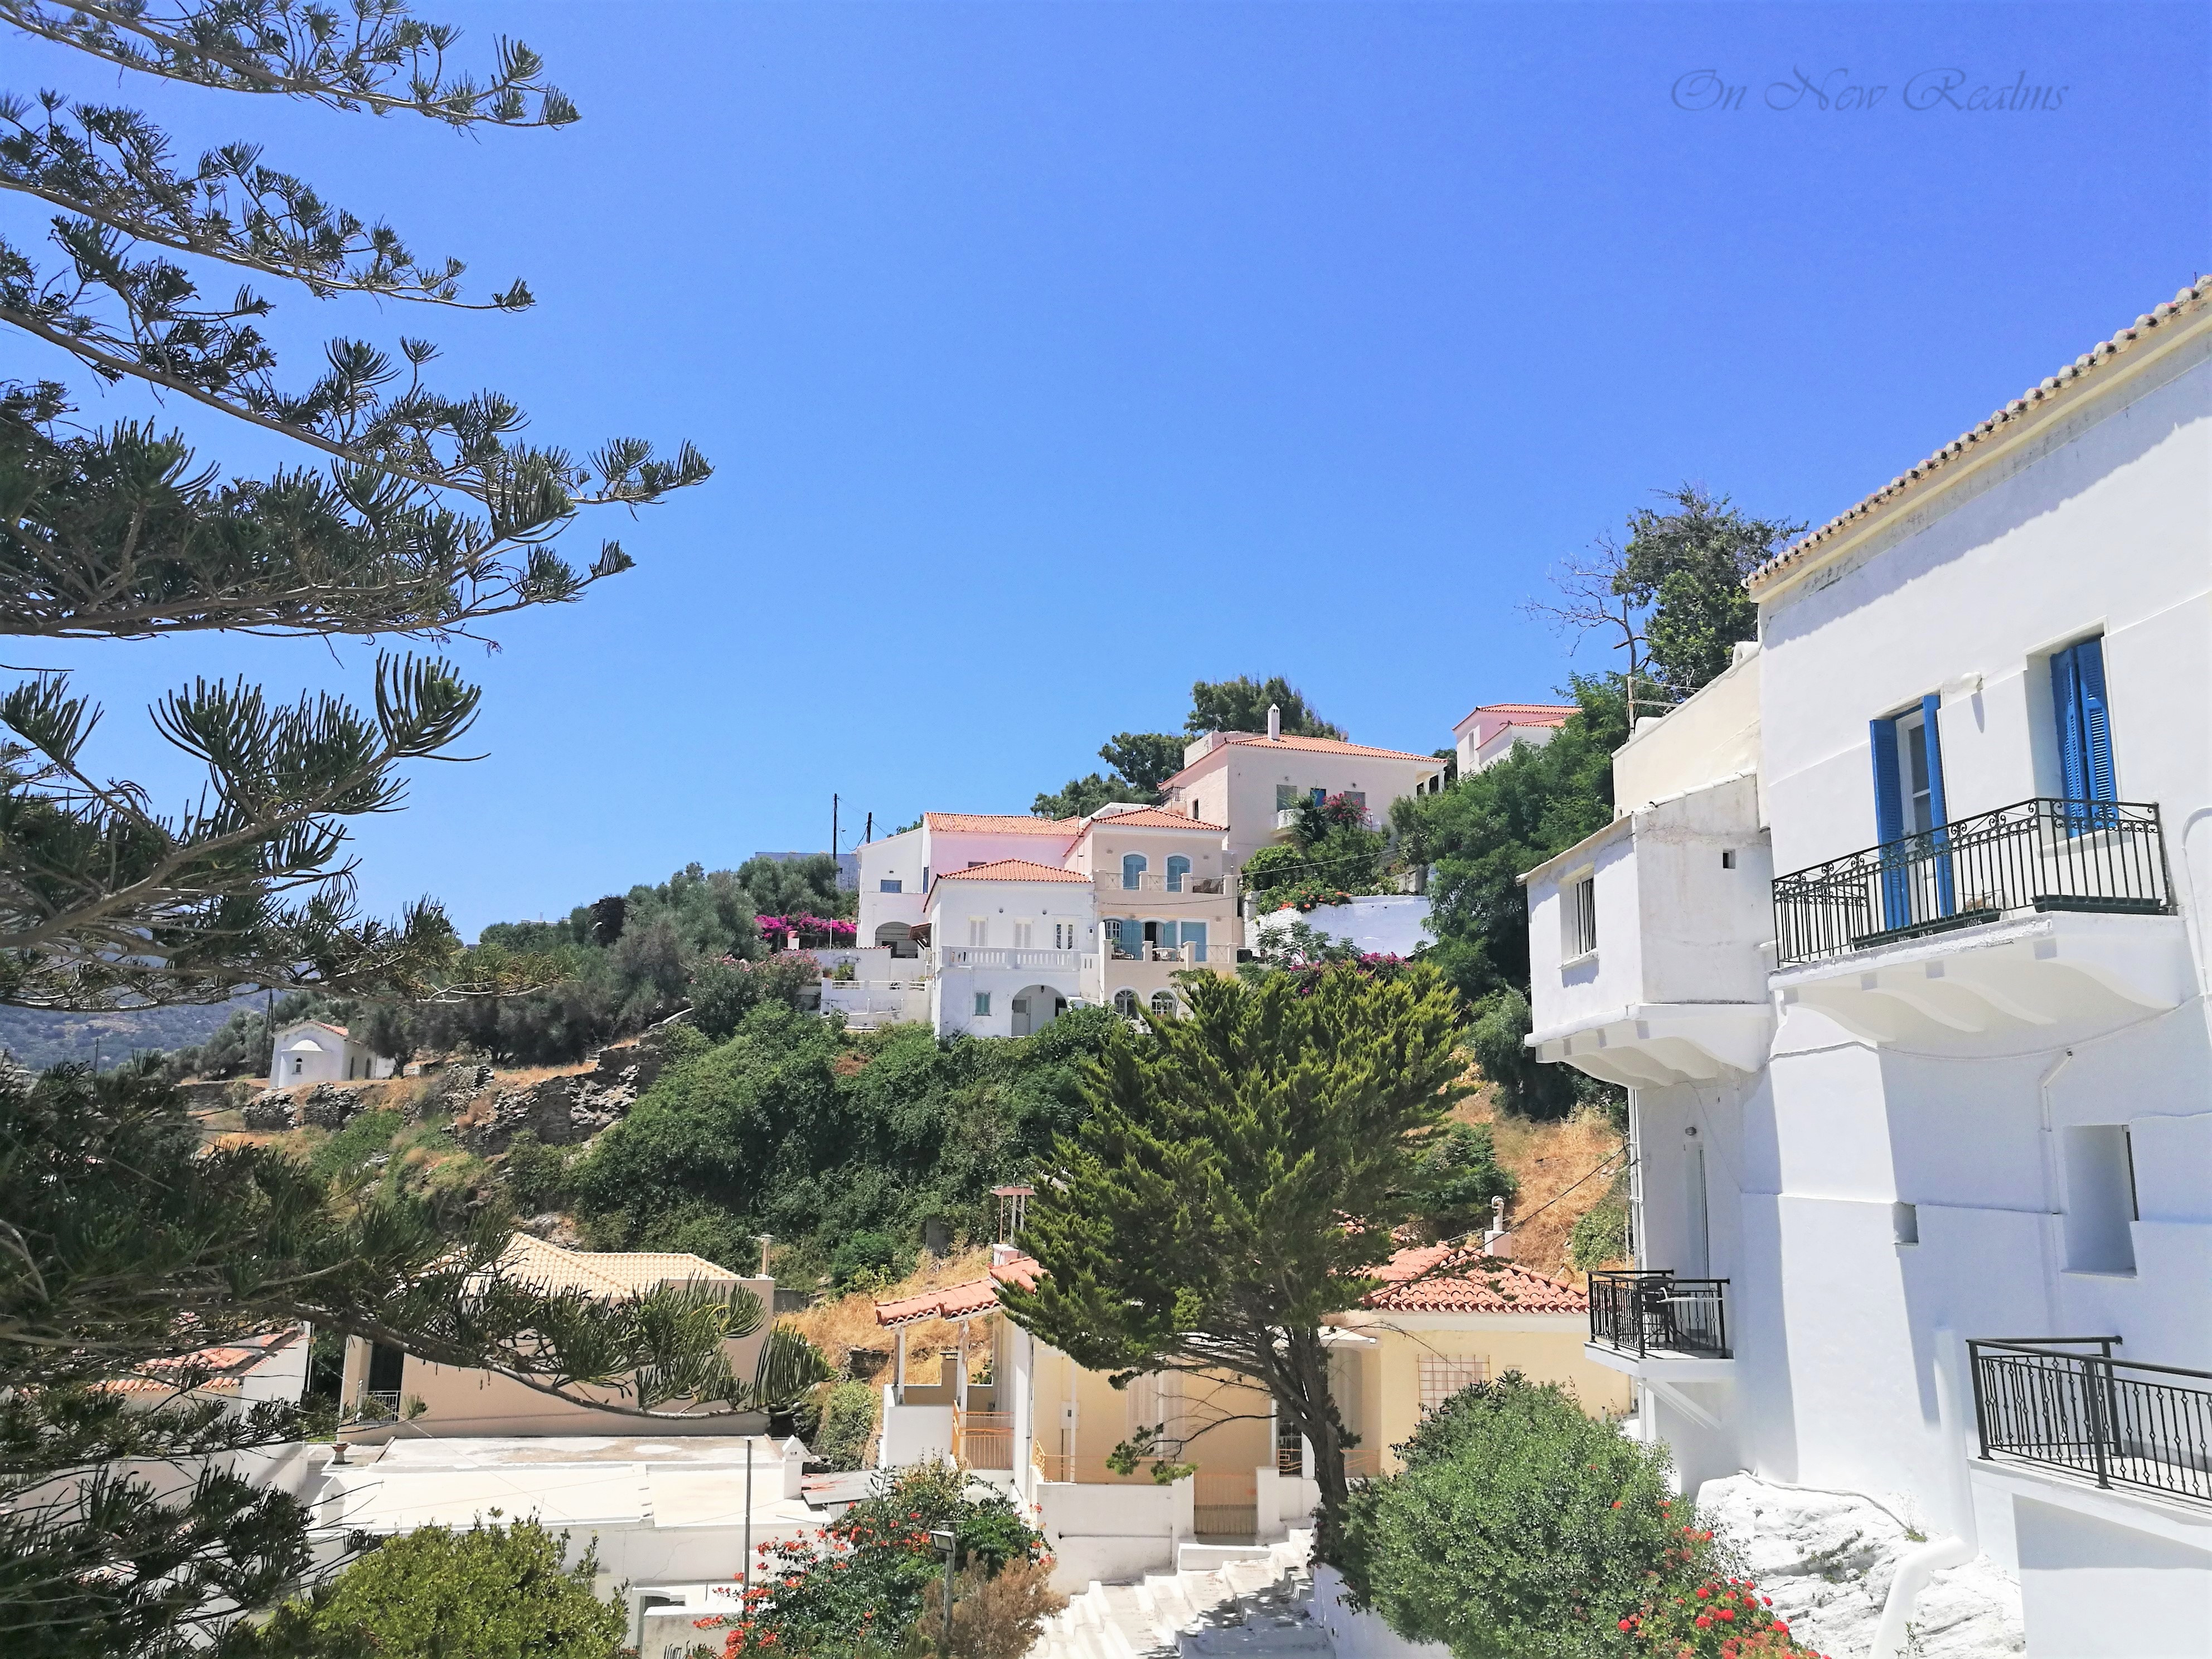 Chora-Andros-Greece-11